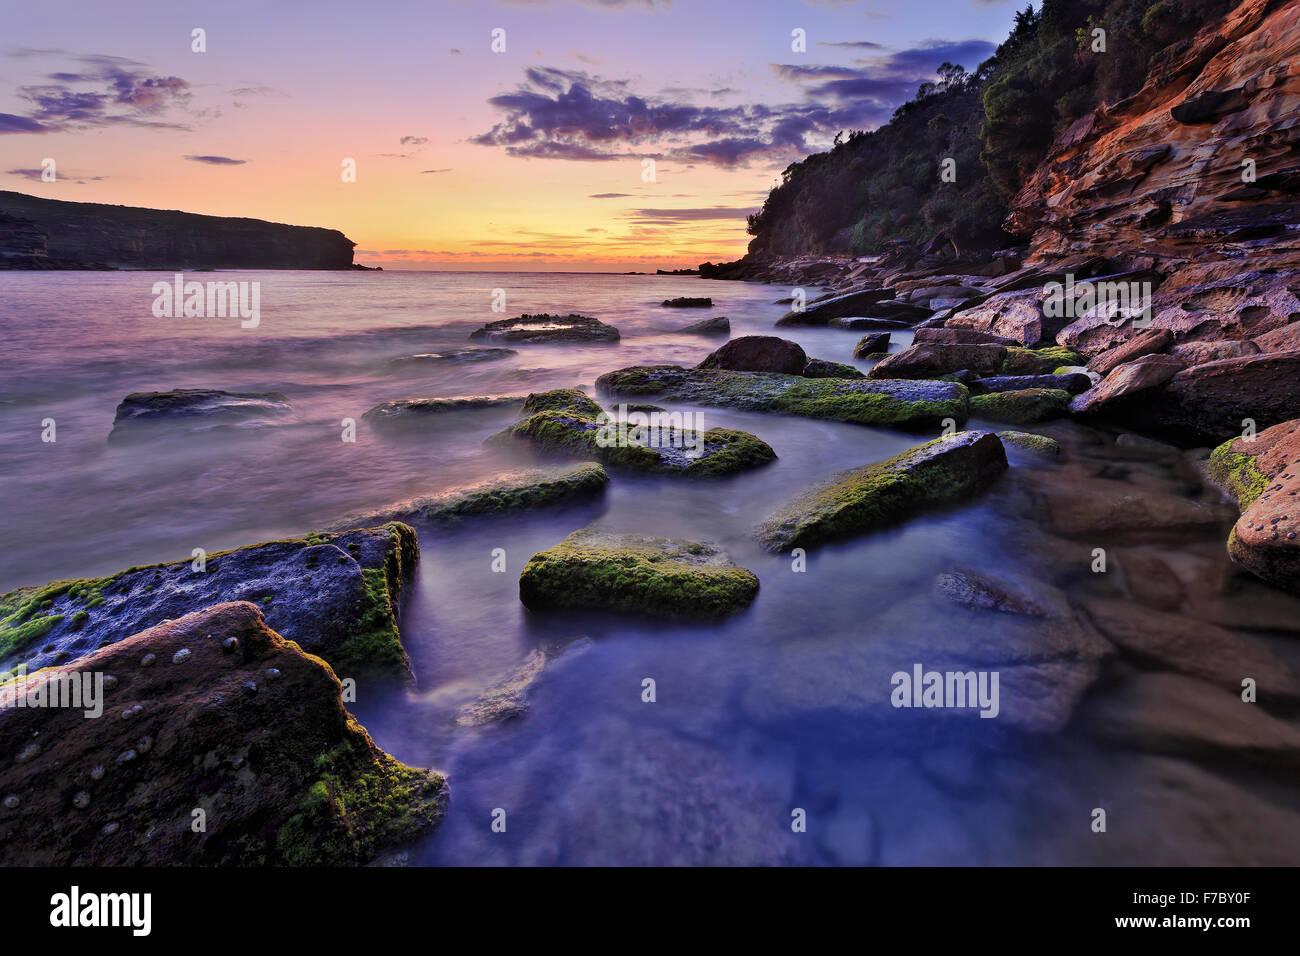 Transparente mar piso en Royal National Park Wattamola playa rocosa en Australia al amanecer con agua borrosa alrededor Imagen De Stock